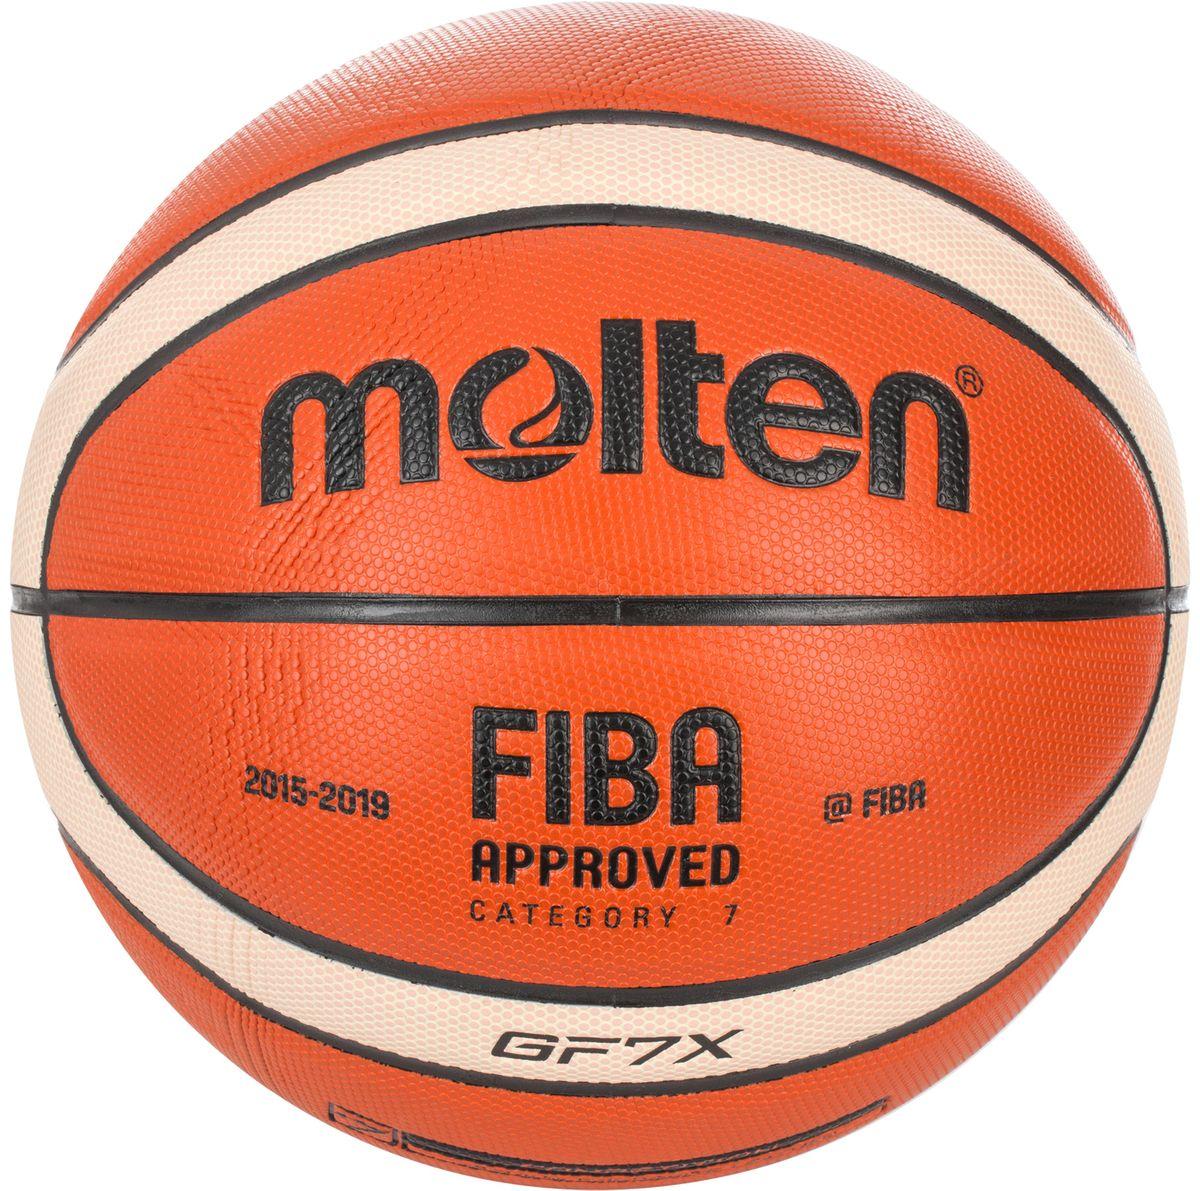 Мяч баскетбольный Molten. Размер 7. BGF7XBGF7XБаскетбольный мяч Molten предназначен для соревнований и тренировок к соревнованиям профессионального уровня. Он изготовлен из высококлассной композитной кожи. У мяча шероховатая поверхность. Он имеет 12-панельный дизайн.Одобрен FIBA.